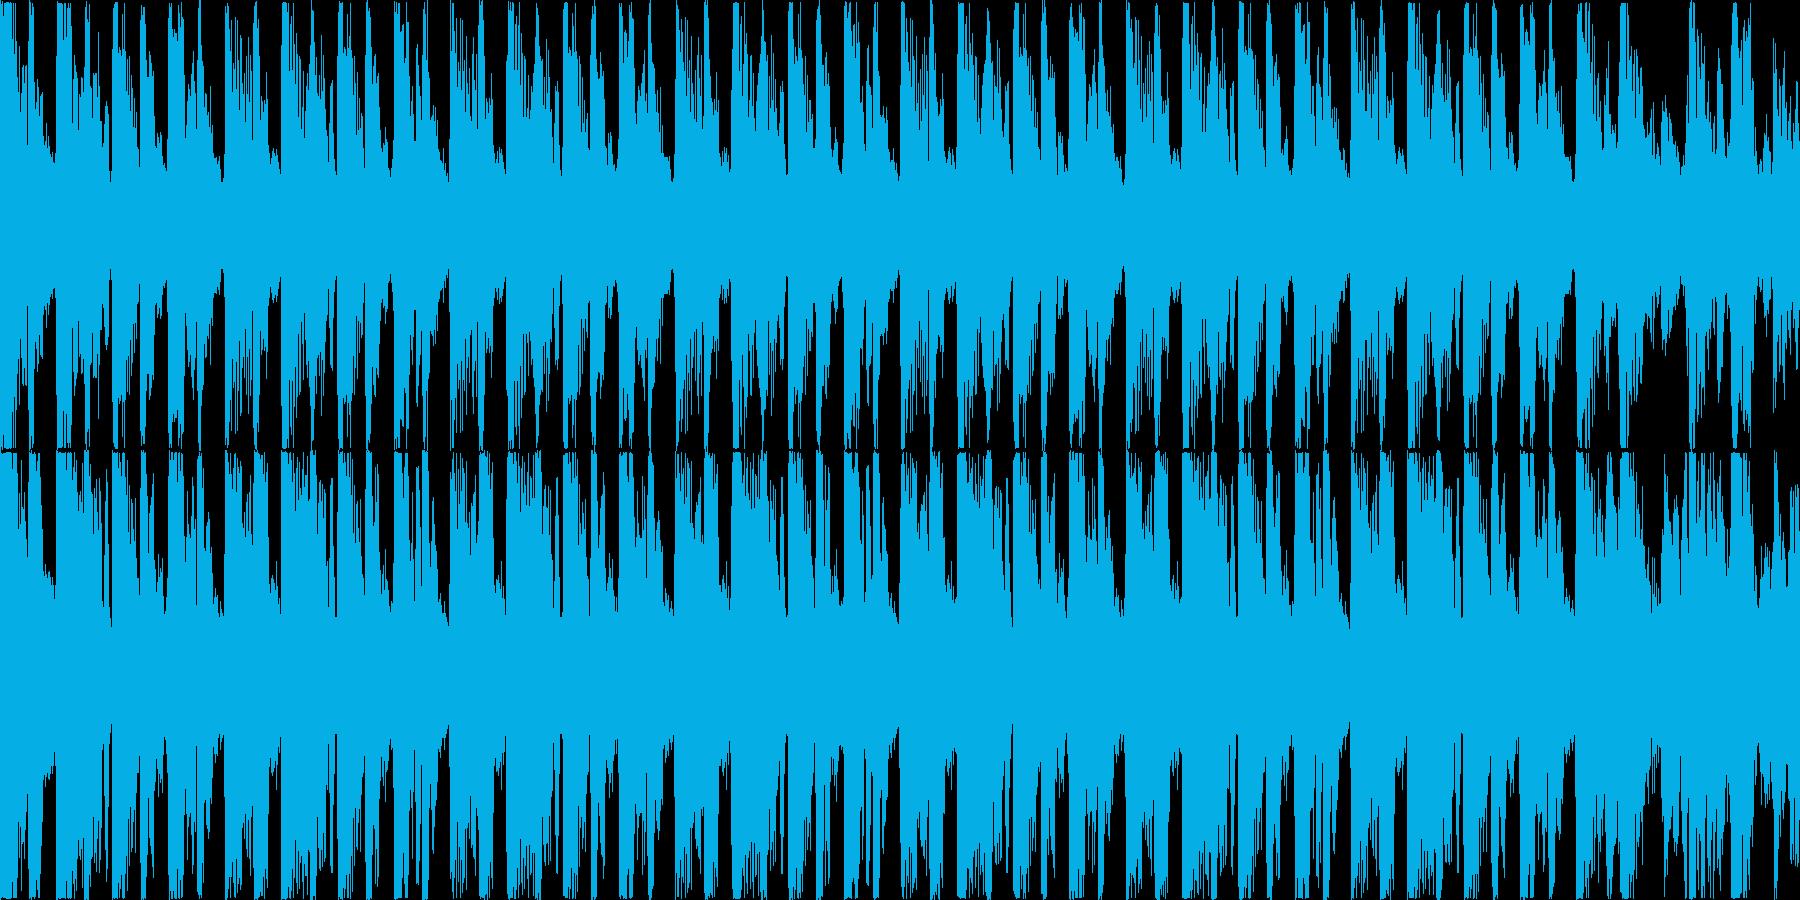 【ループD】ゴキゲンなスウィングをダンスの再生済みの波形